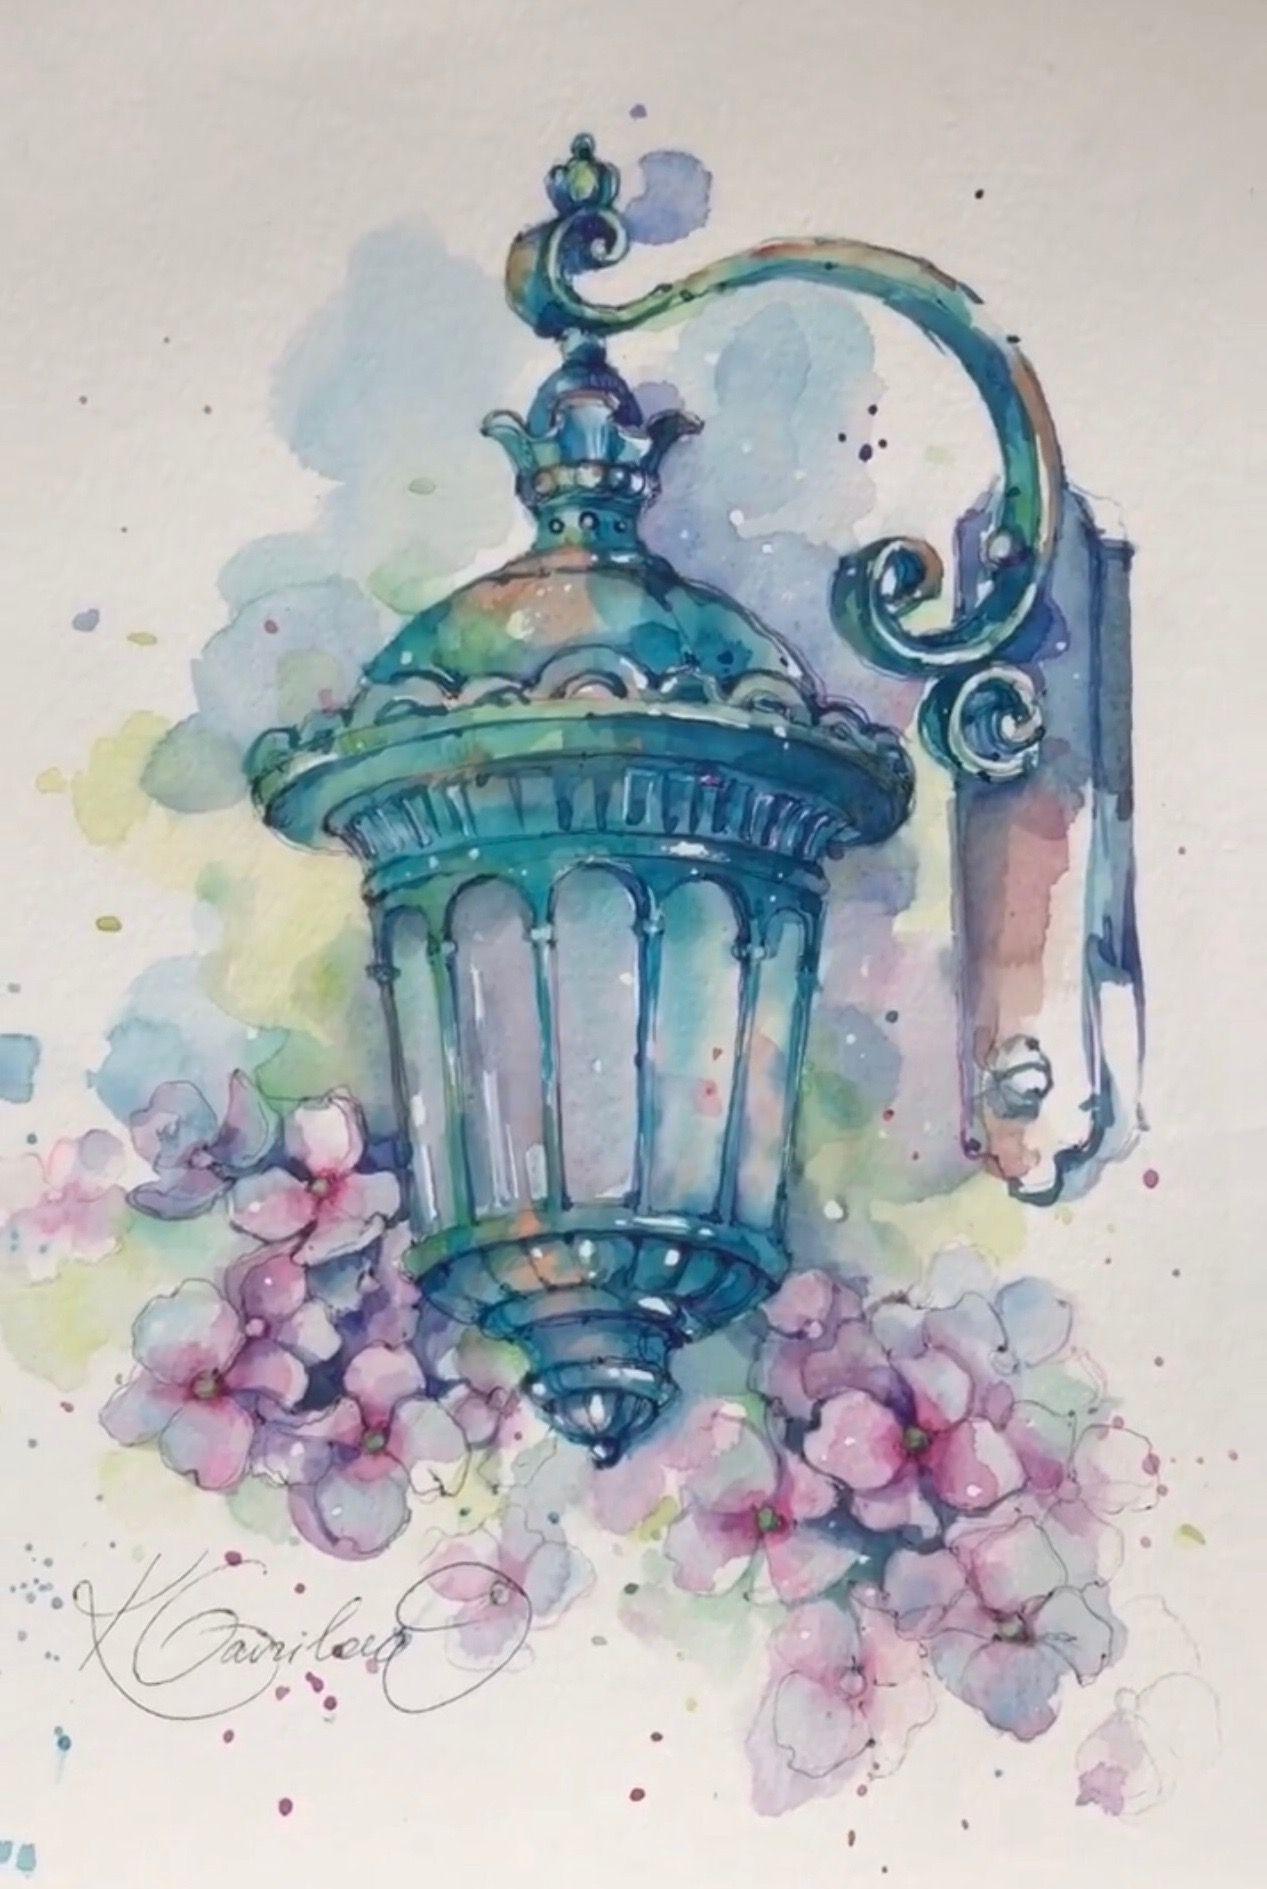 Epingle Par Martine Chauvet Sur Lampadaire Peinture Aquarelle